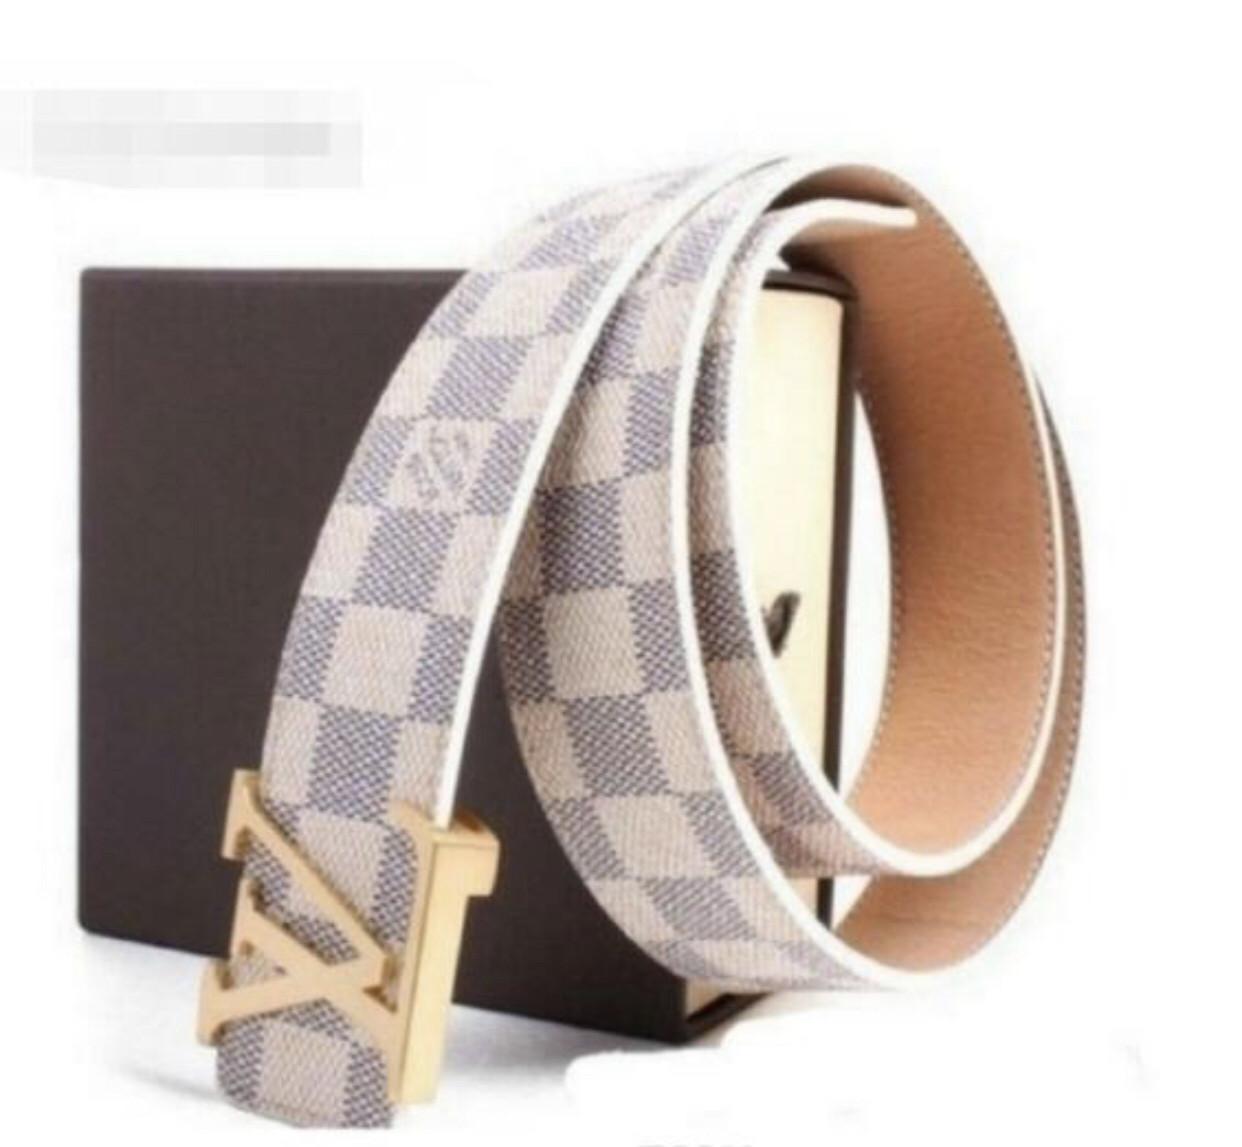 Брендовый Ремень Louis Vuitton White (реплика луи витон)